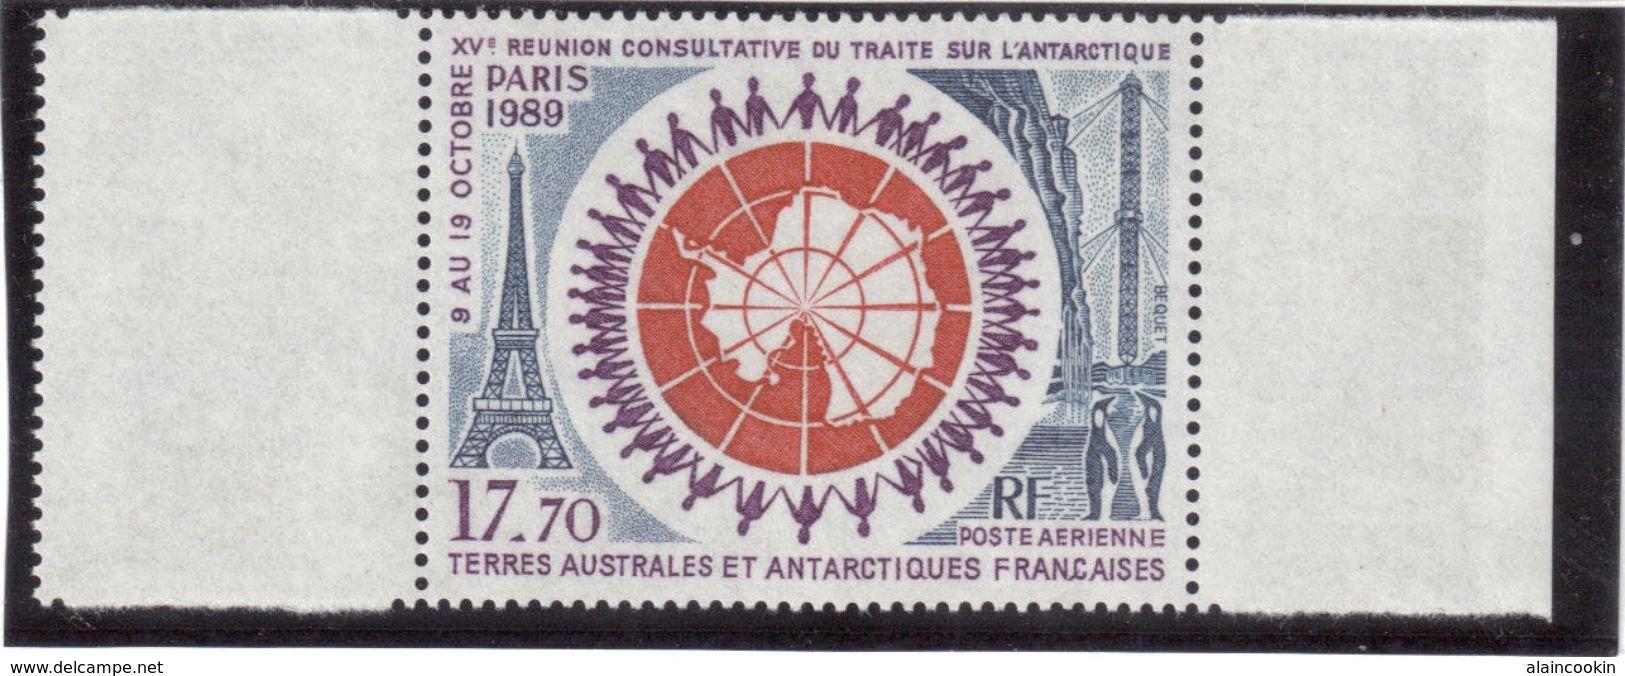 M2 - TAAF PA109** De 1989 - Traité Sur L' Antarctique. - Terres Australes Et Antarctiques Françaises (TAAF)